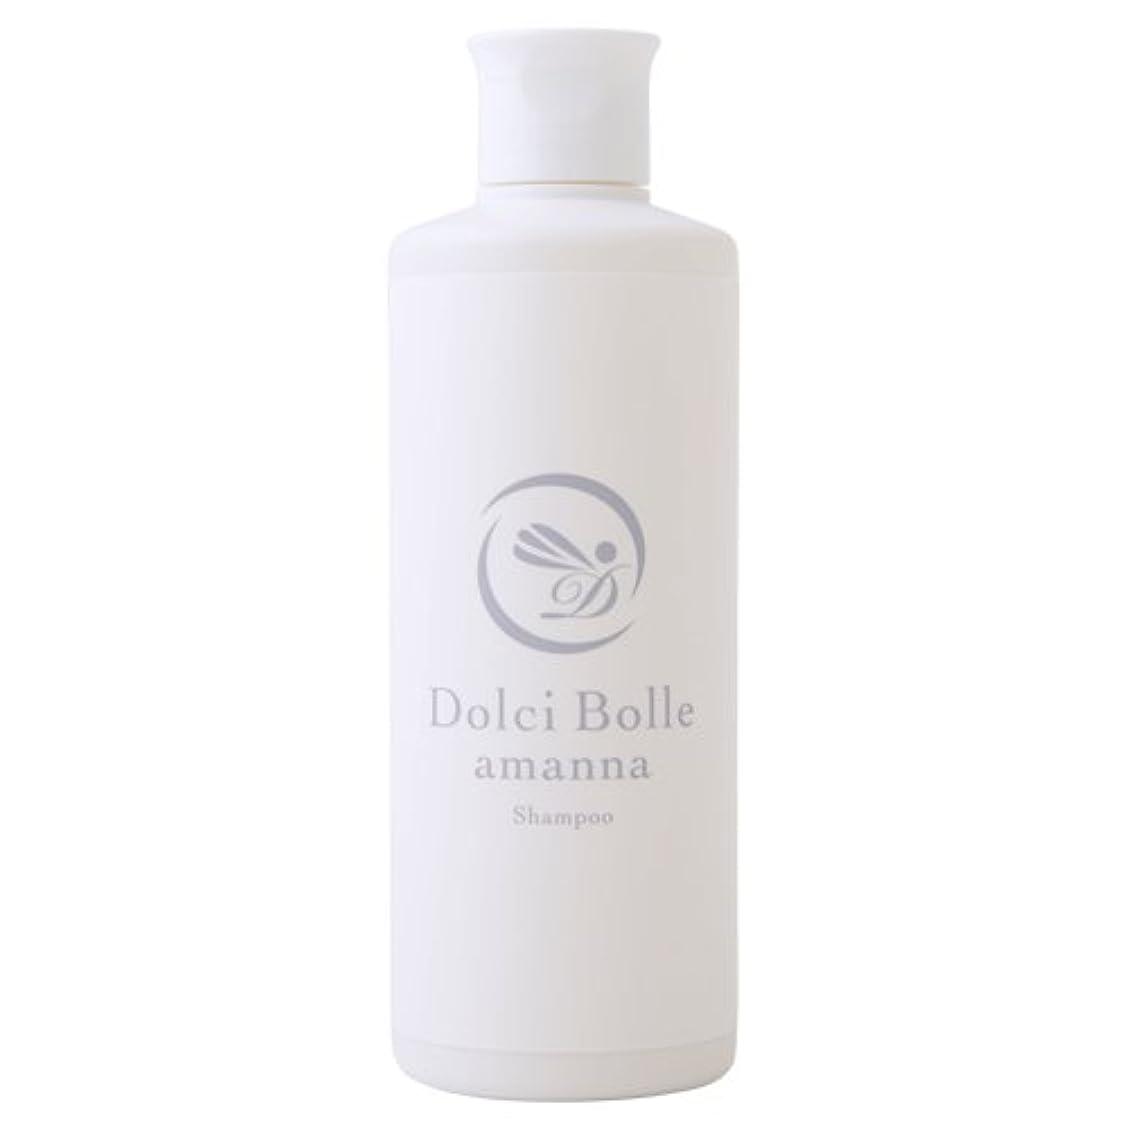 取るディスカウント啓発するDolci Bolle(ドルチボーレ) amanna(アマンナ) シャンプー 300ml